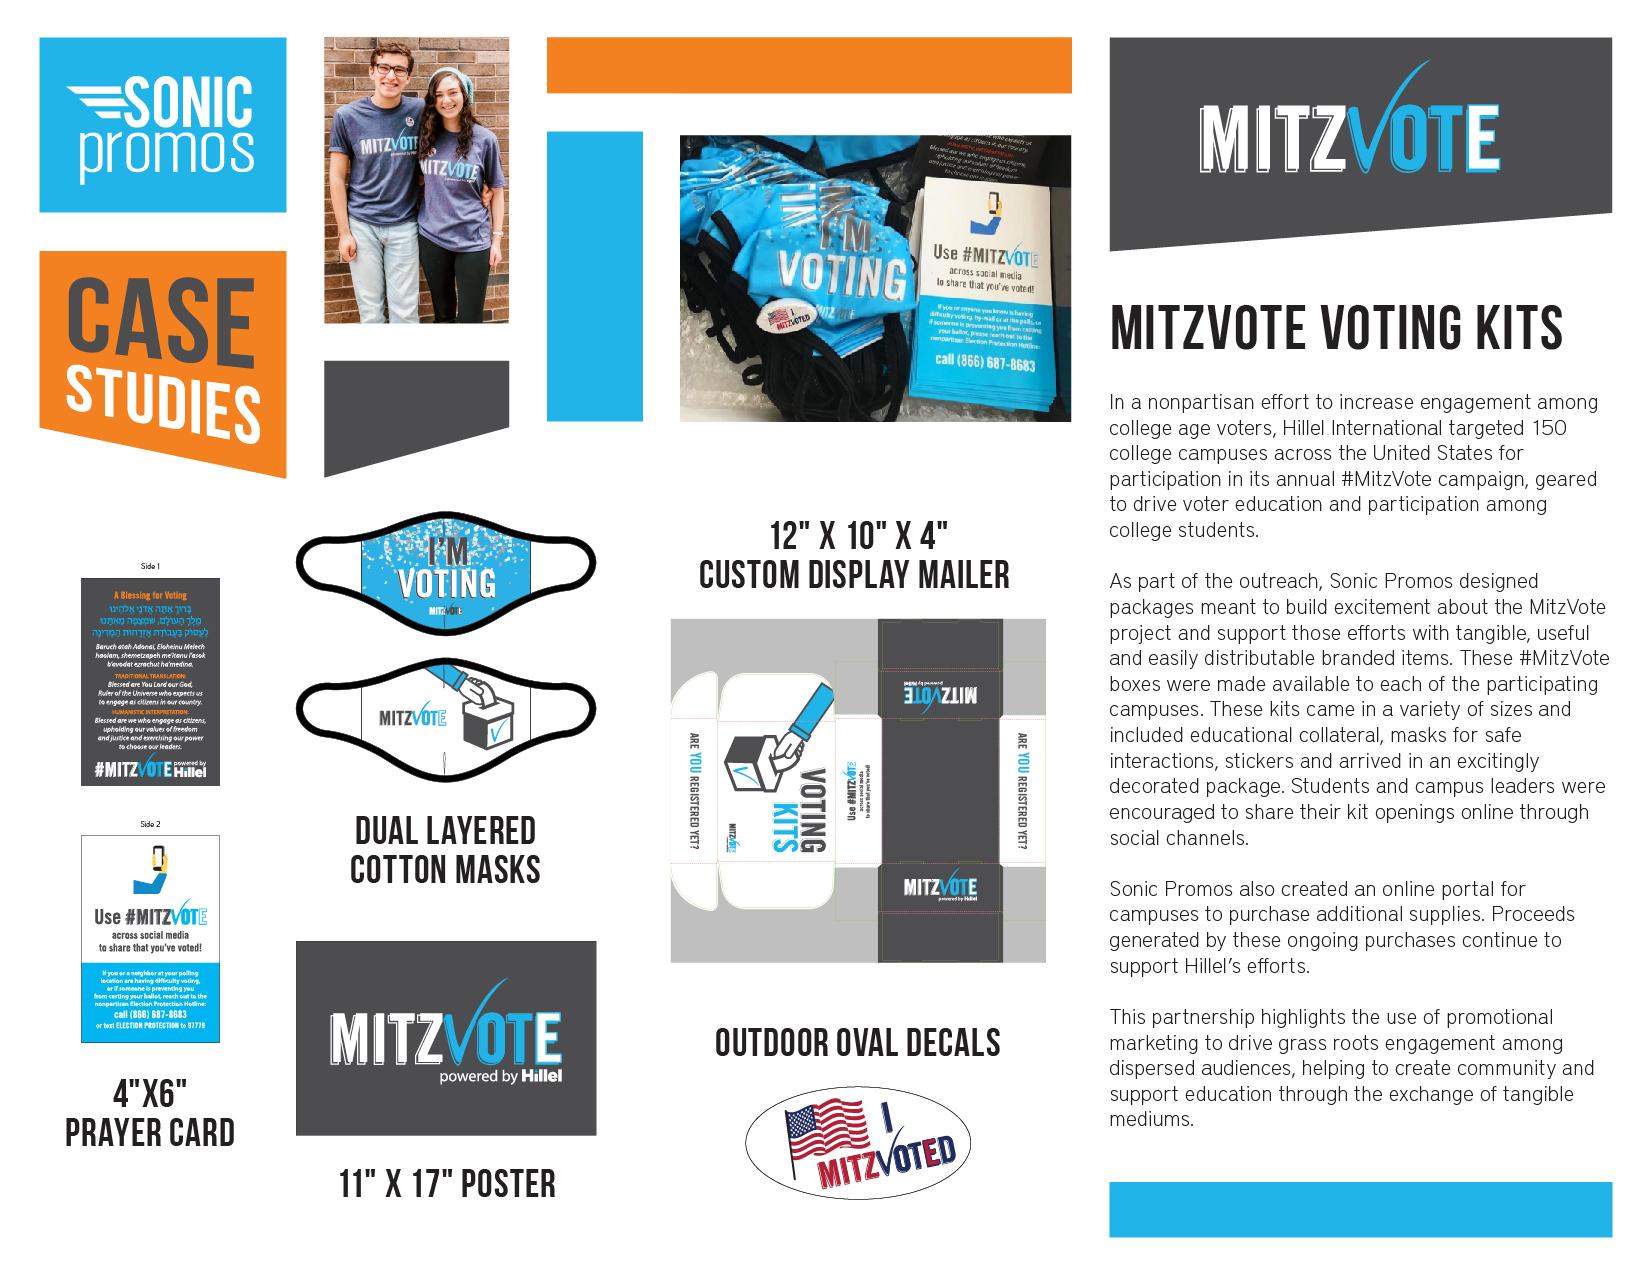 SP-CaseStudies_MitzVote-01